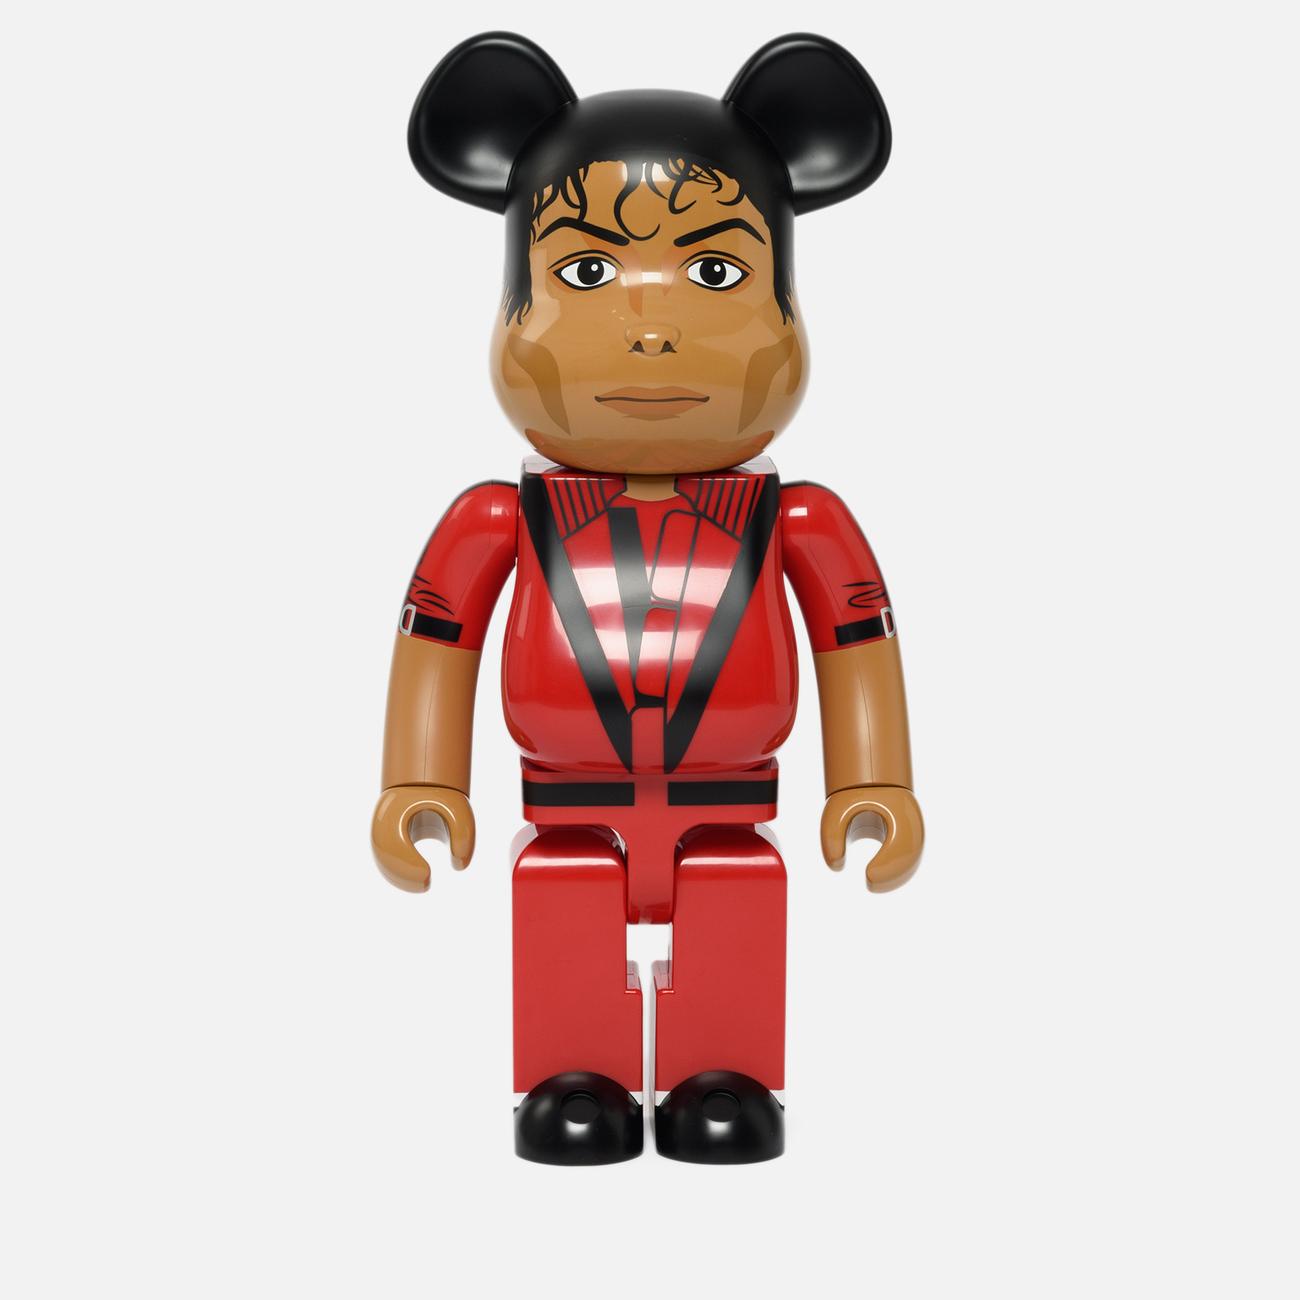 Игрушка Medicom Toy Bearbrick Michael Jackson Red Jacket 1000%